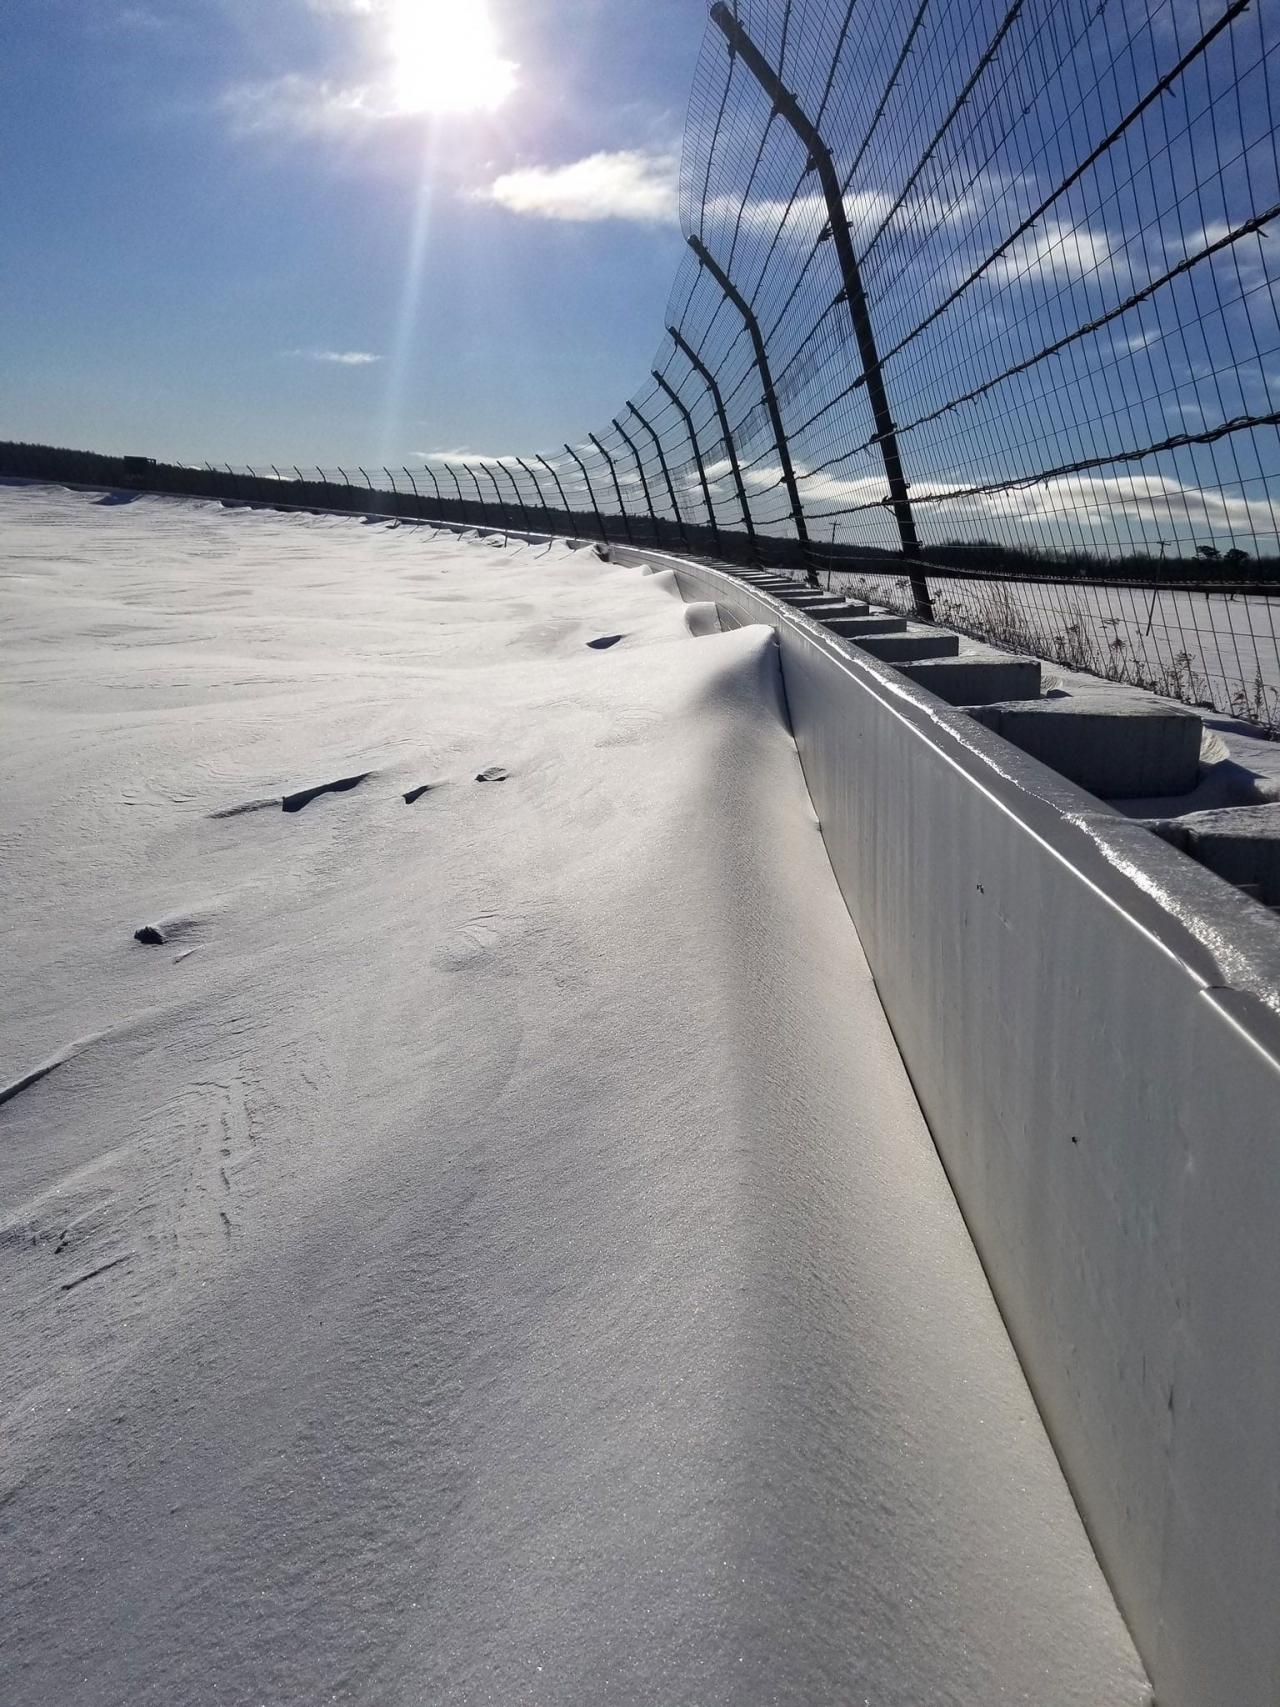 Pocono Raceway - Snow pictures